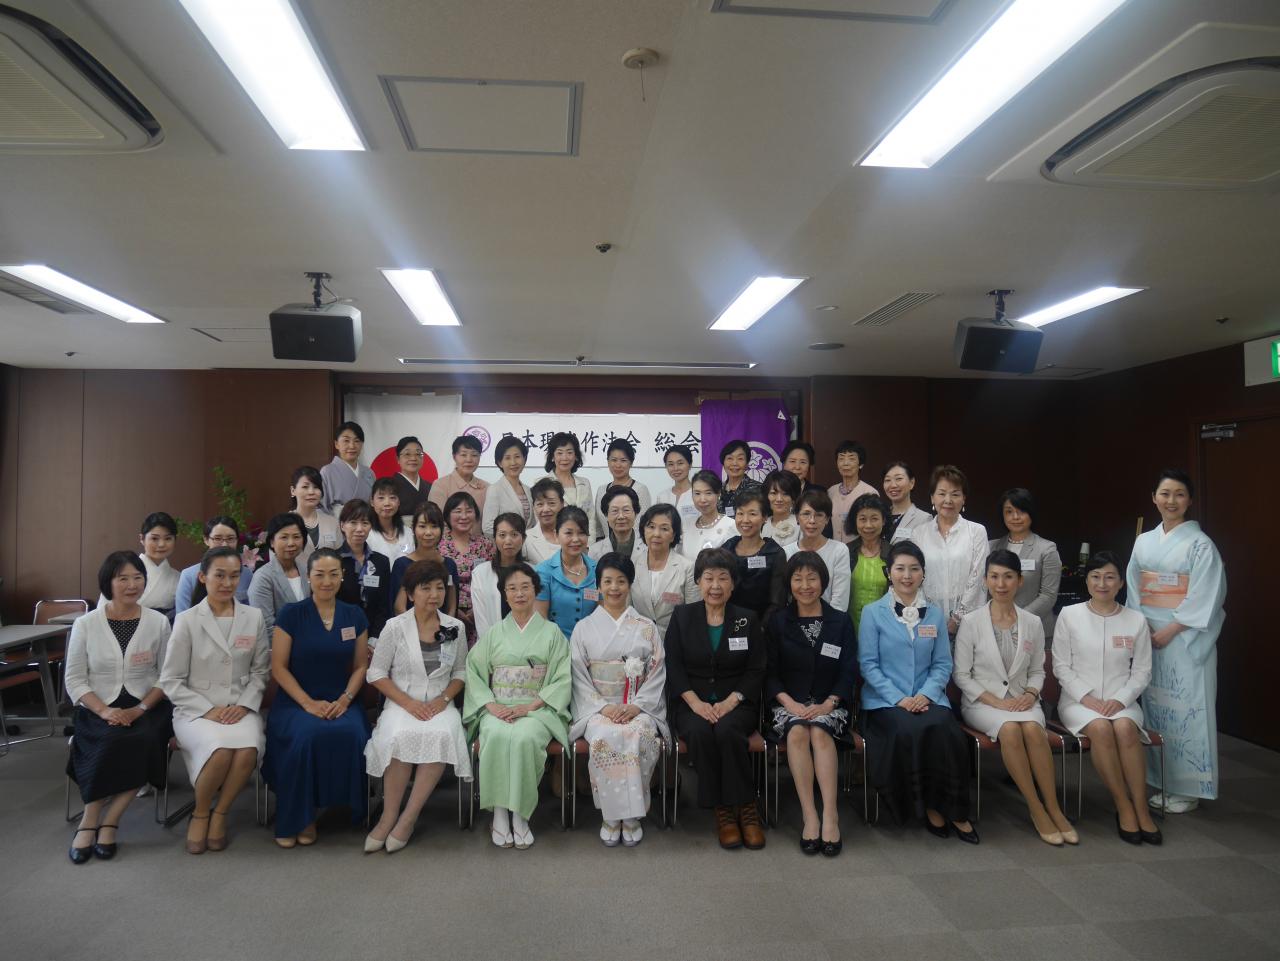 平成30年6月24日日本現代作法会総会を開催しました